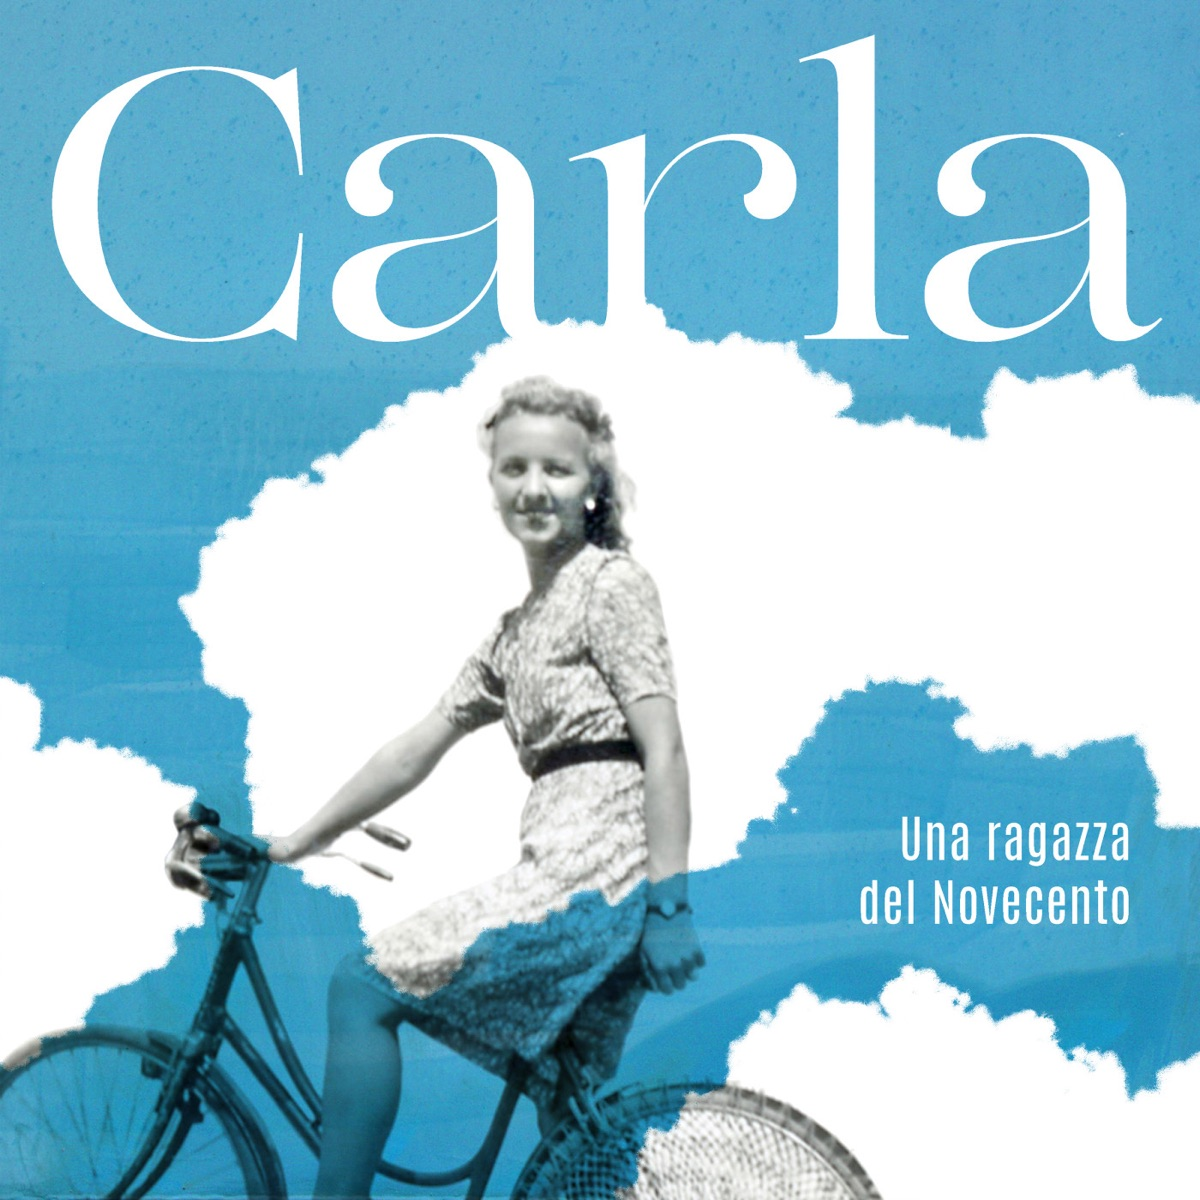 Carla - Una ragazza del Novecento